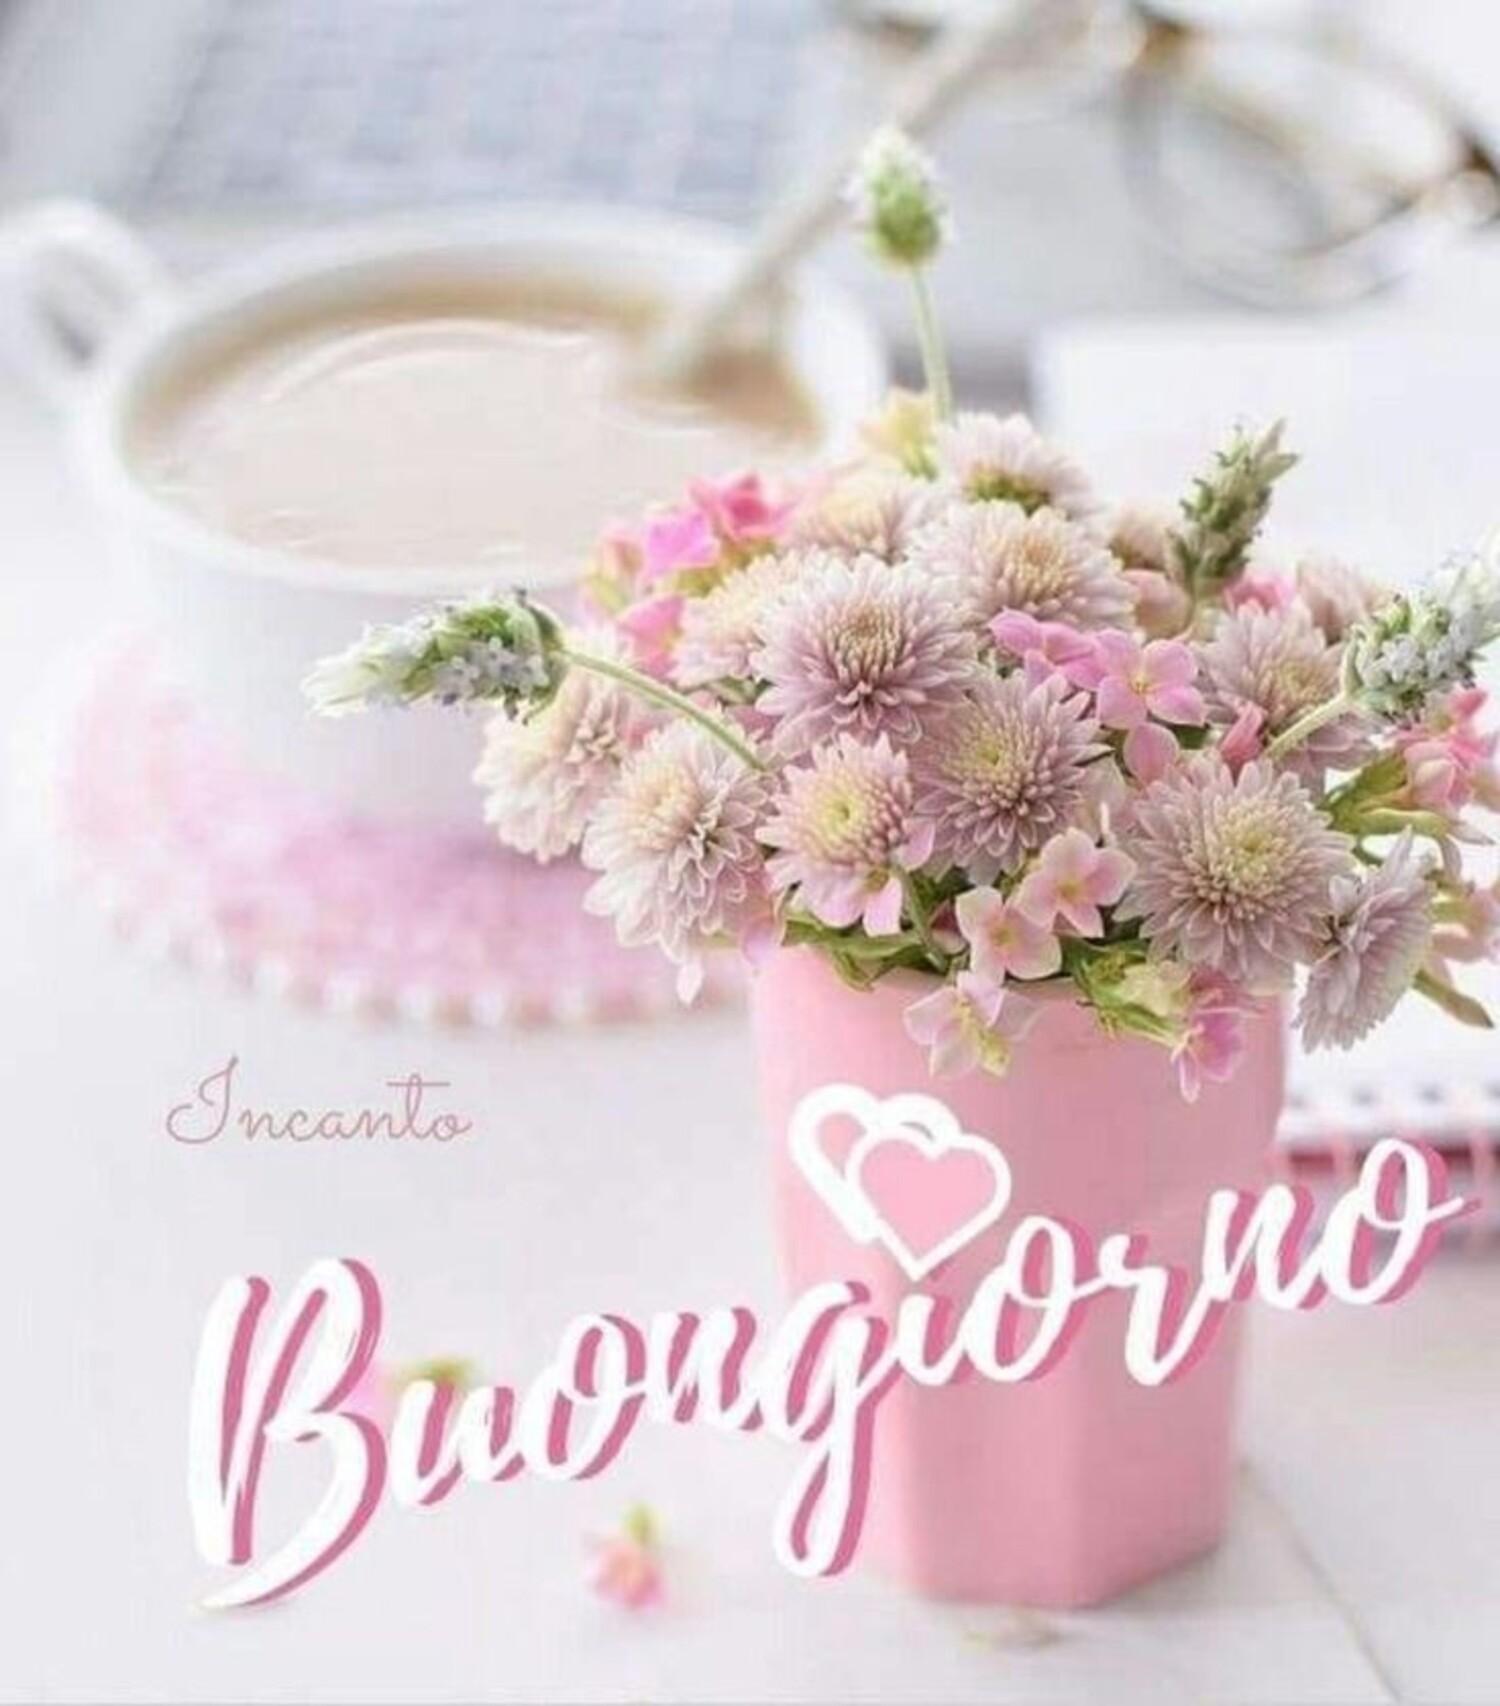 Buongiorno con un vaso di fiori